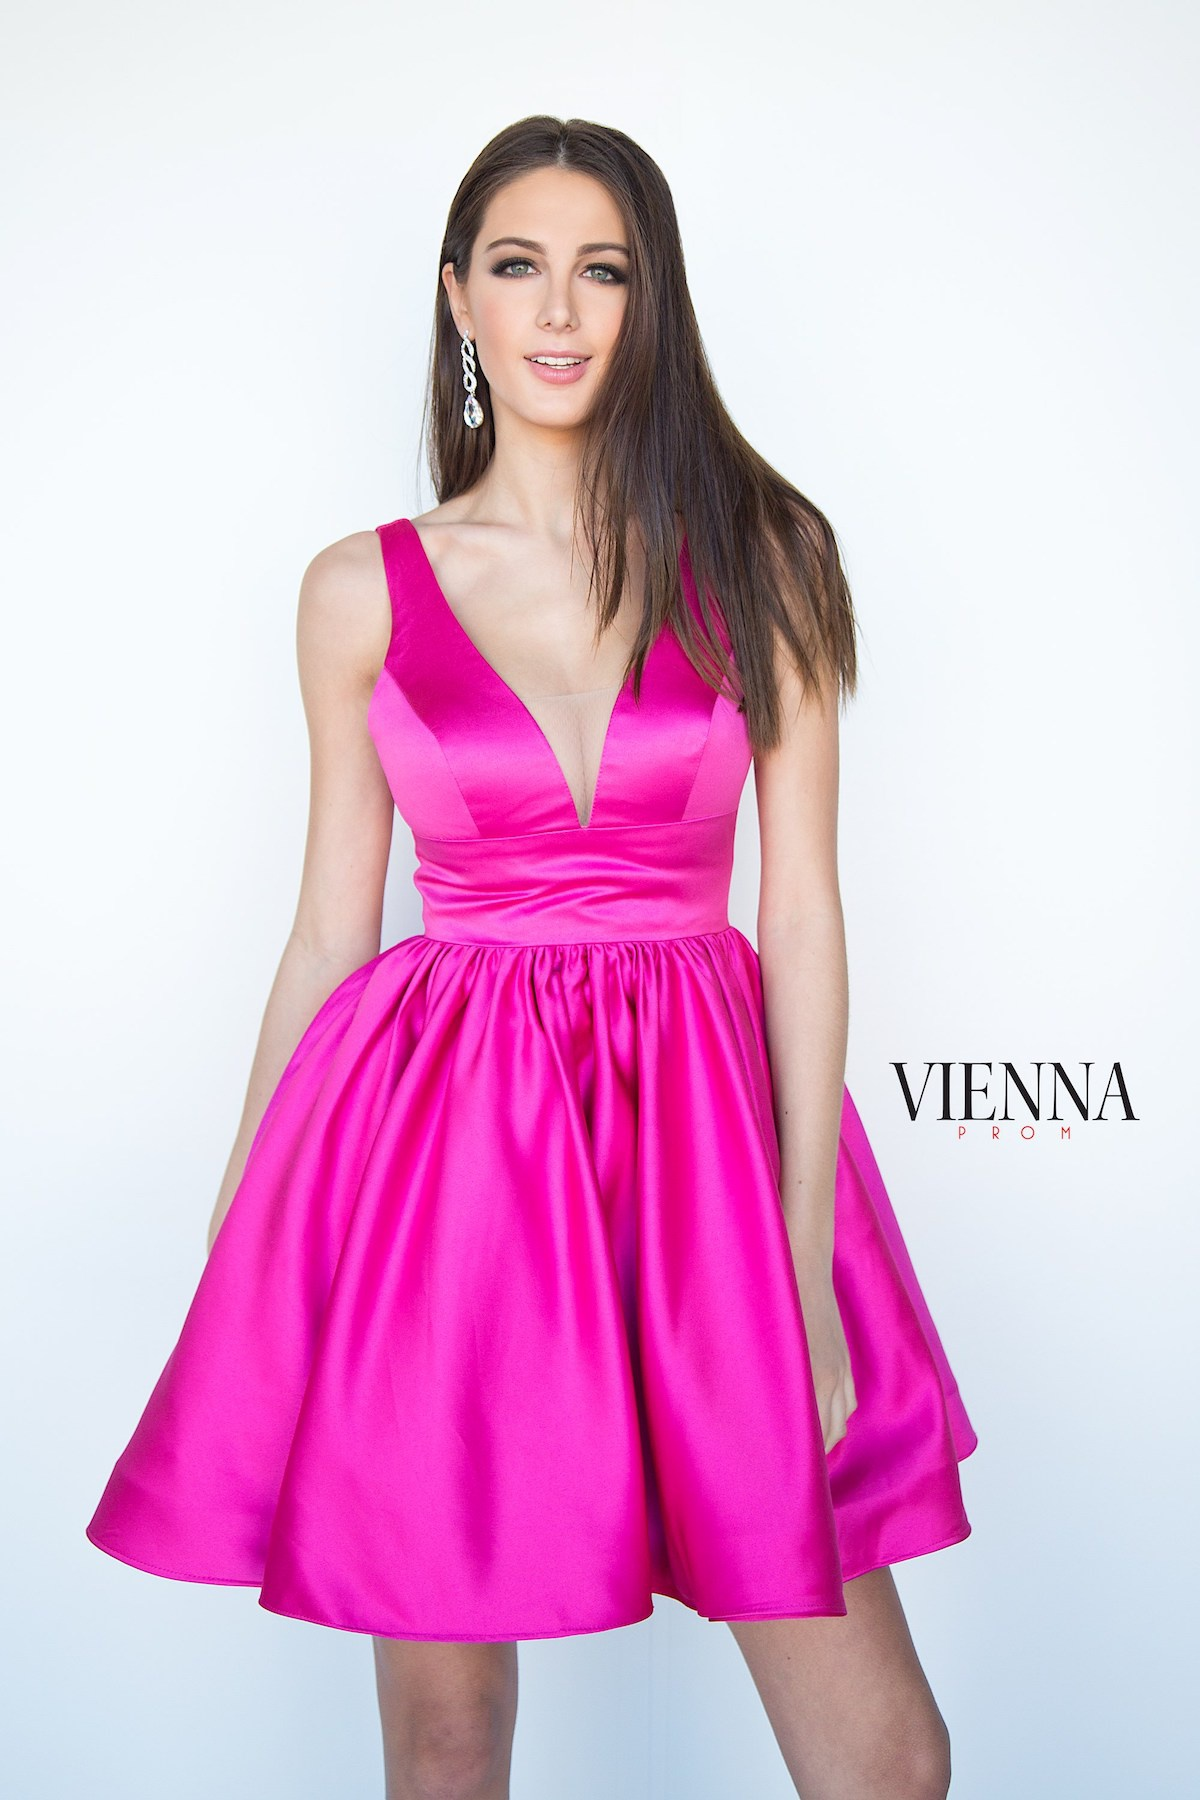 Style 6023 Vienna Pink Size 0 Plunge Silk Cocktail Dress on Queenly